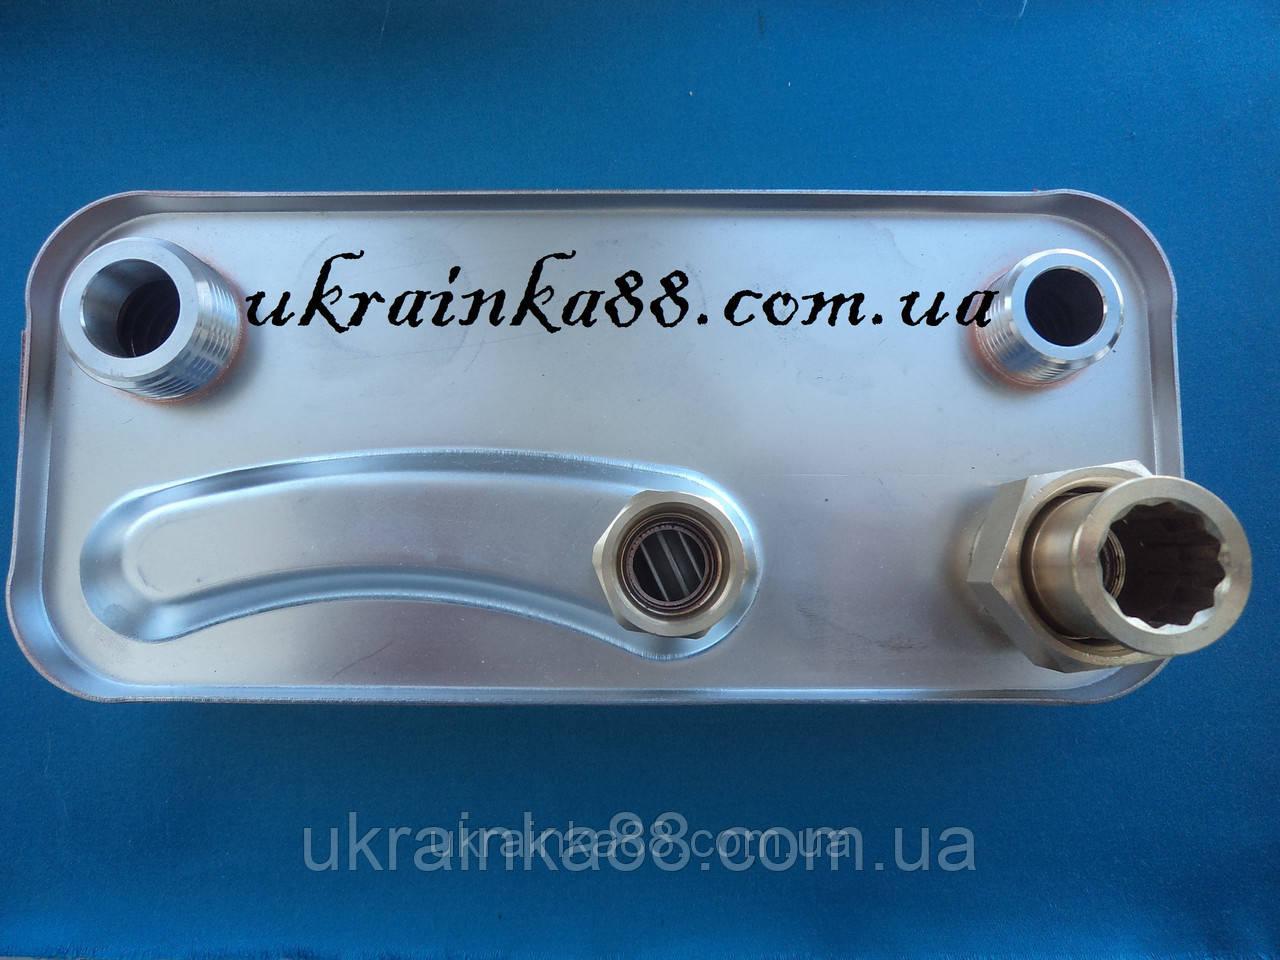 Газовый котел hermann micra 2 вторичный теплообменник теплообменник горелка аксессуары купить